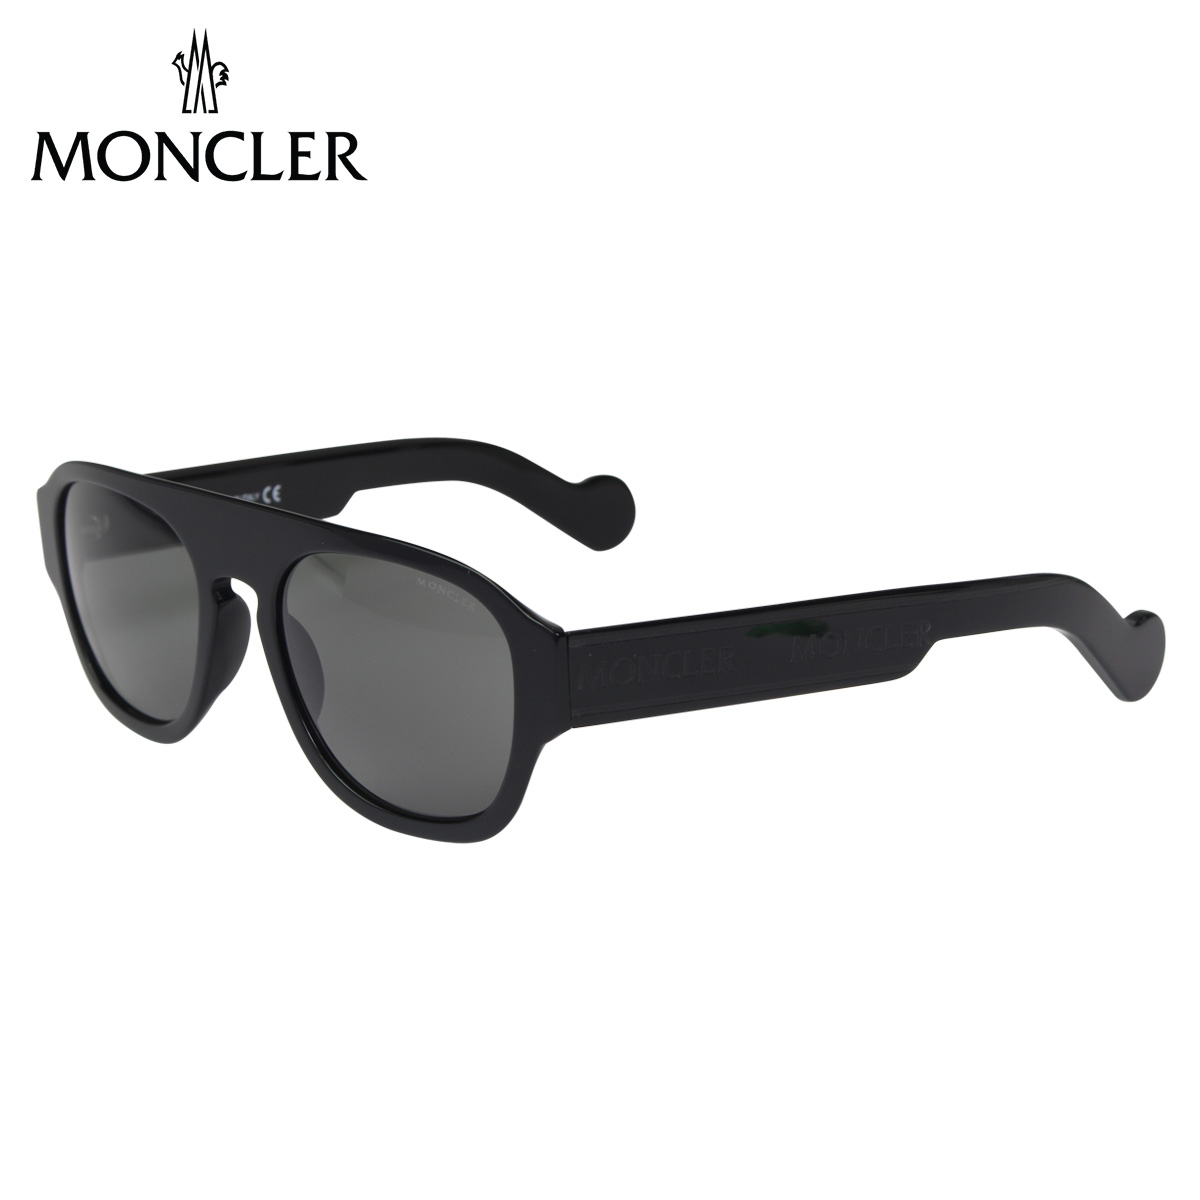 MONCLER モンクレール サングラス メンズ レディース UVカット ウェリントン SUNGLASSES ブラック 黒 ML0096